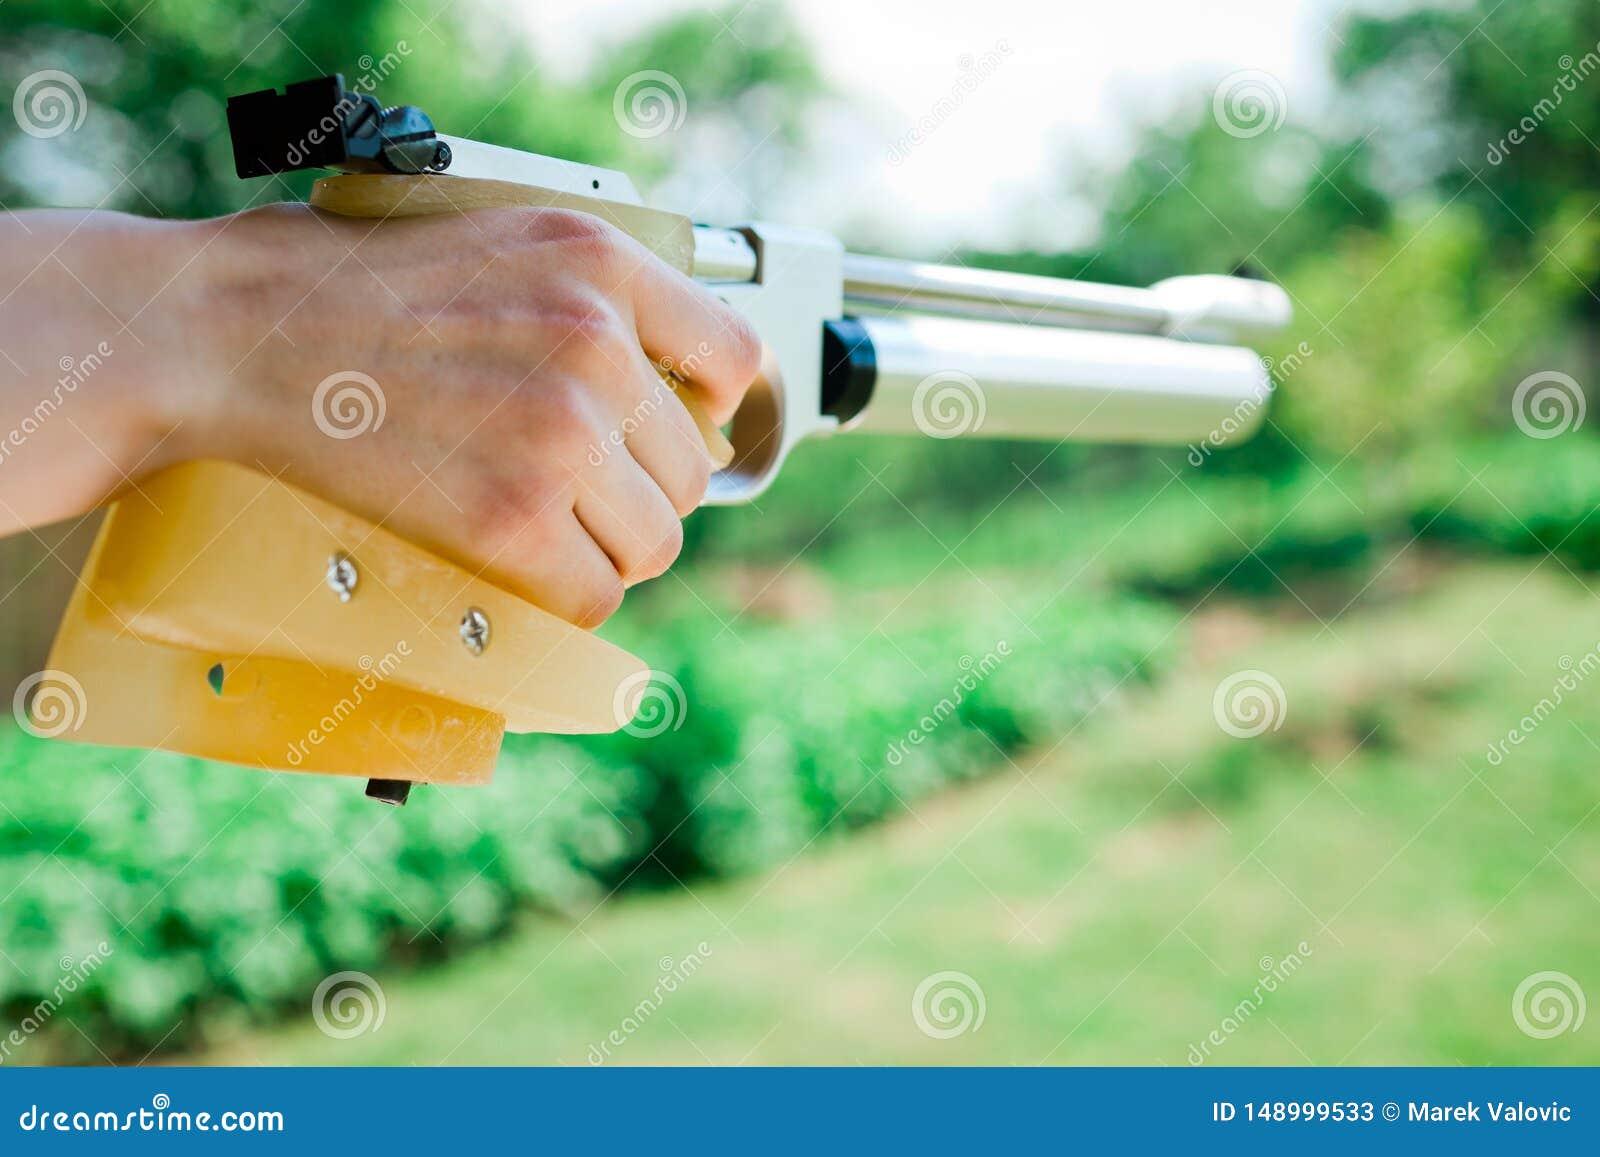 Detail die op hand naar maat gemaakte greep van het pistool van de sportlucht houden